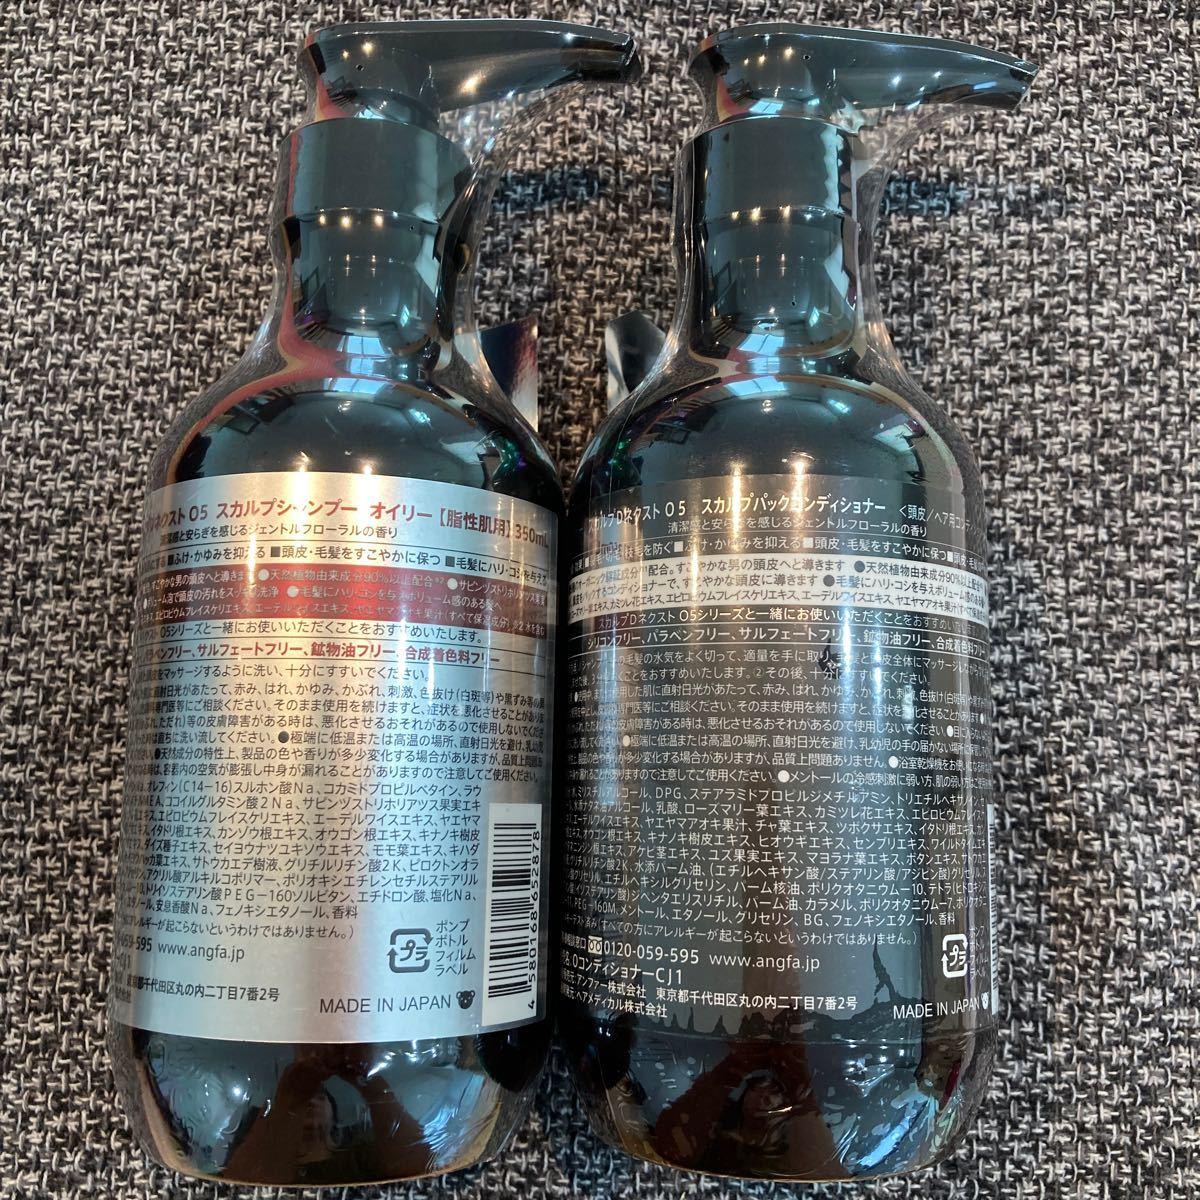 アンファー スカルプD シャンプー 脂性肌用 パックコンディショナー セット